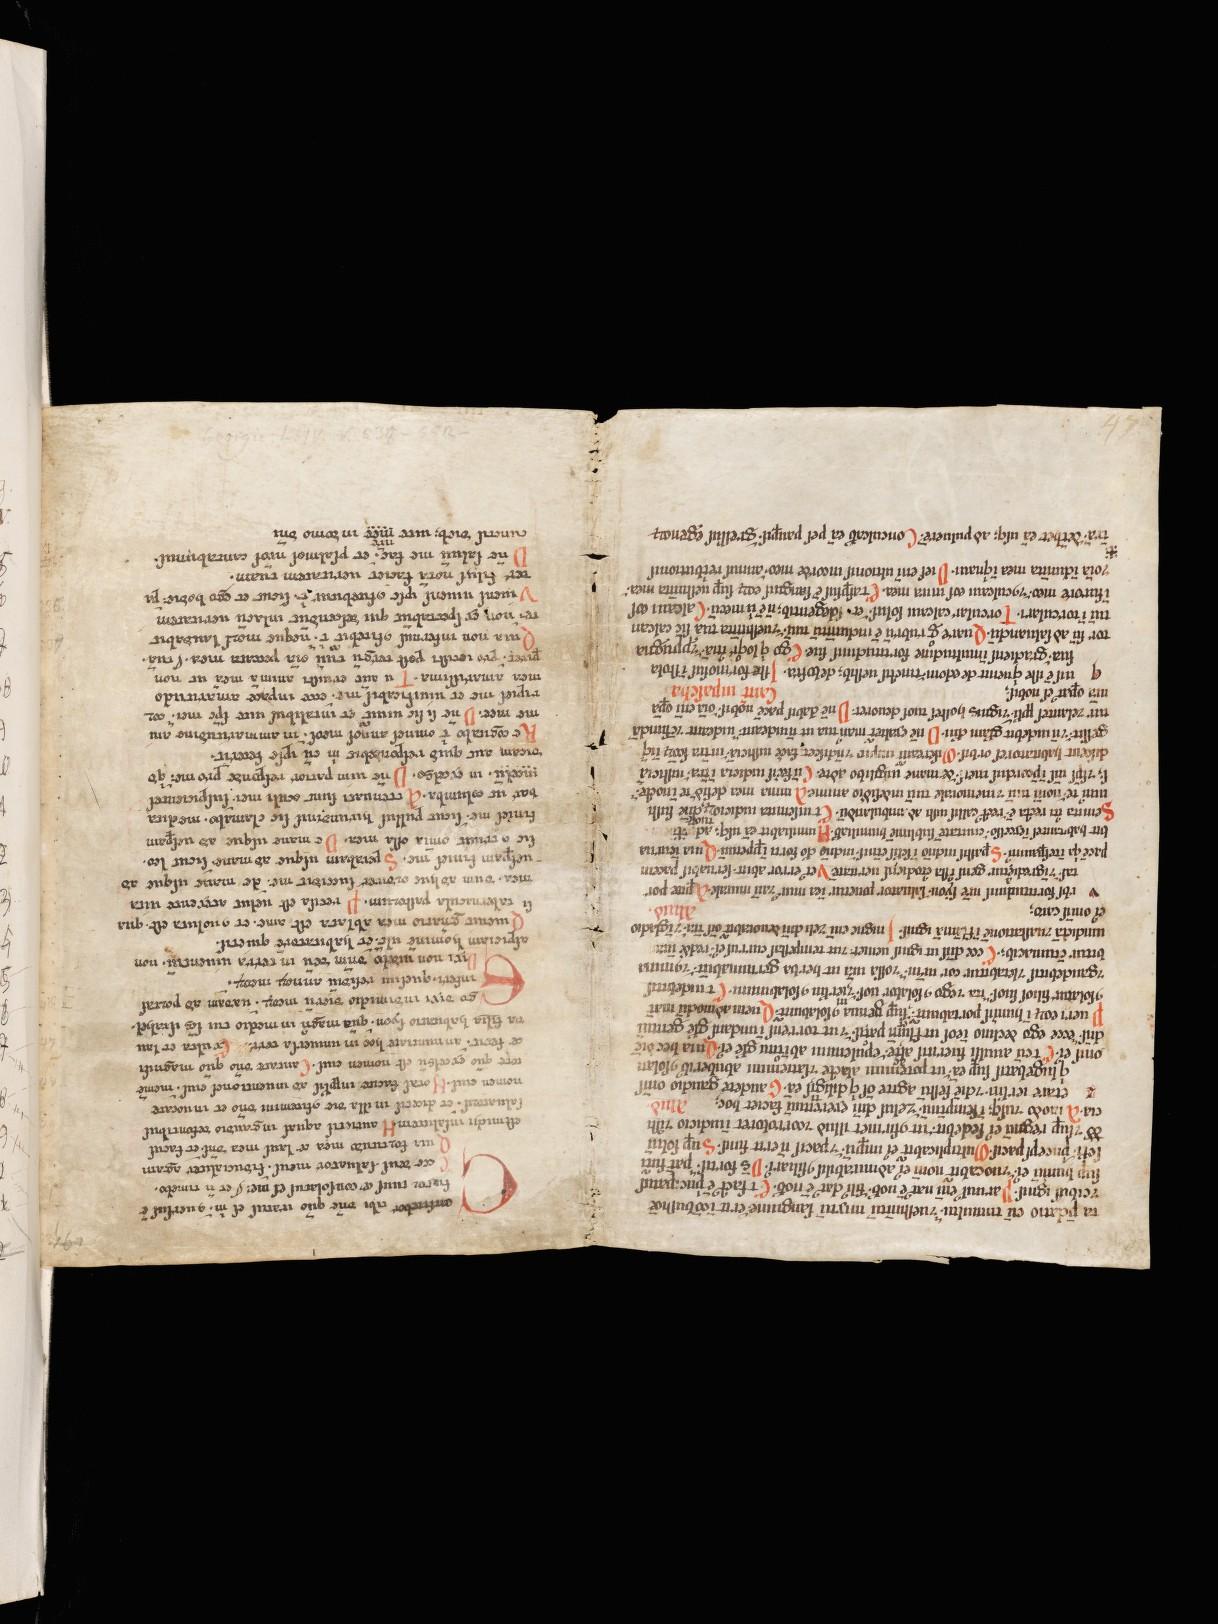 Cod. Sang. 1394, p. 47